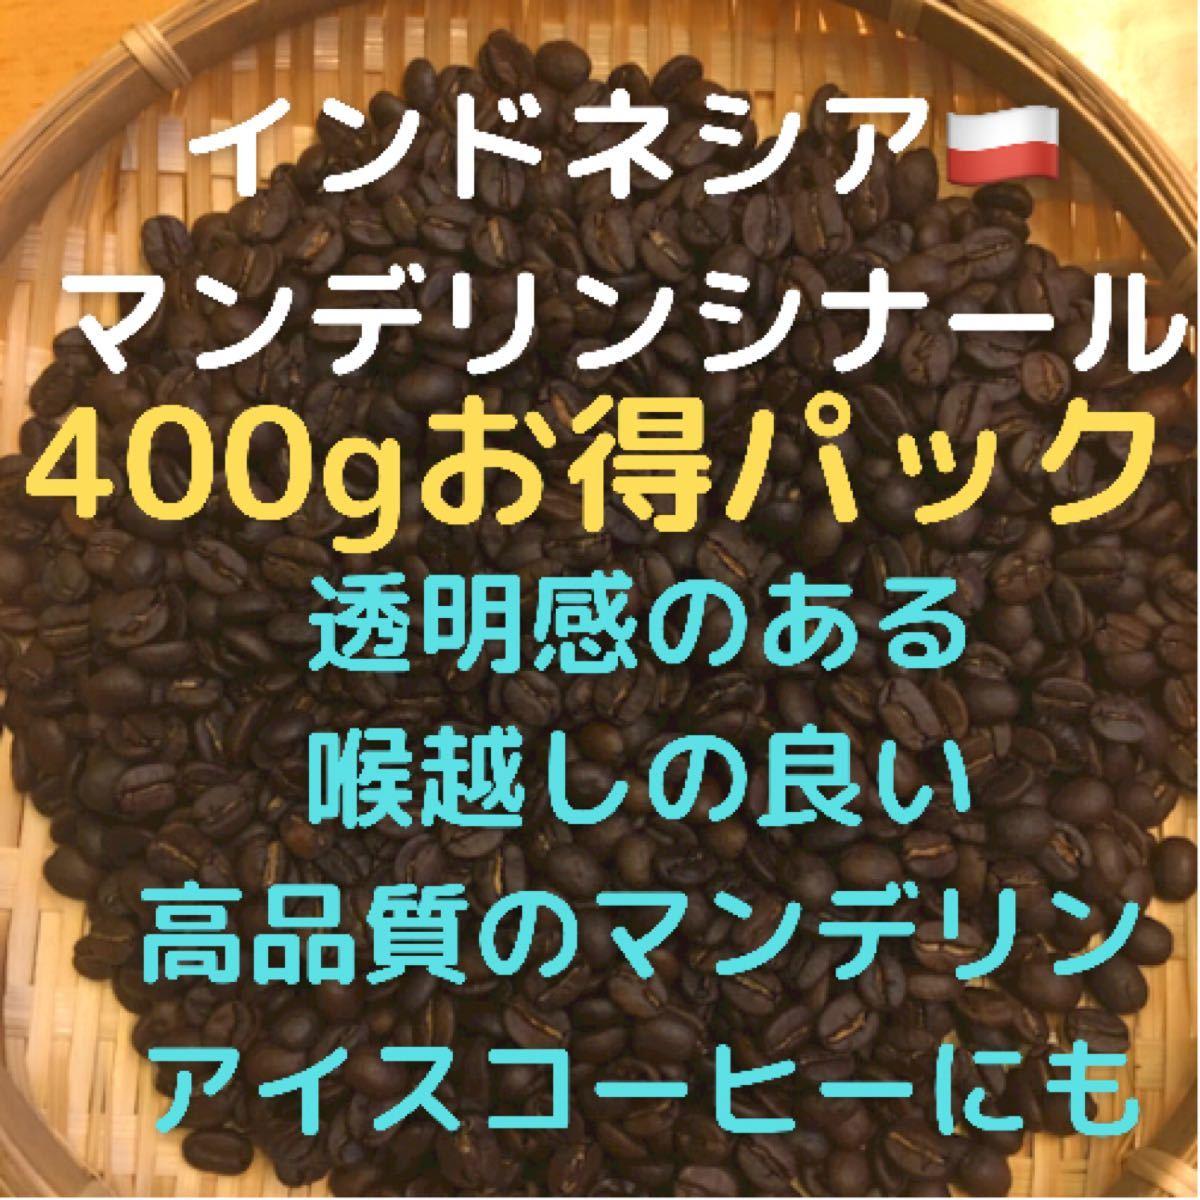 自家焙煎 インドネシア マンデリンシナール400g 豆又は粉 匿名配送